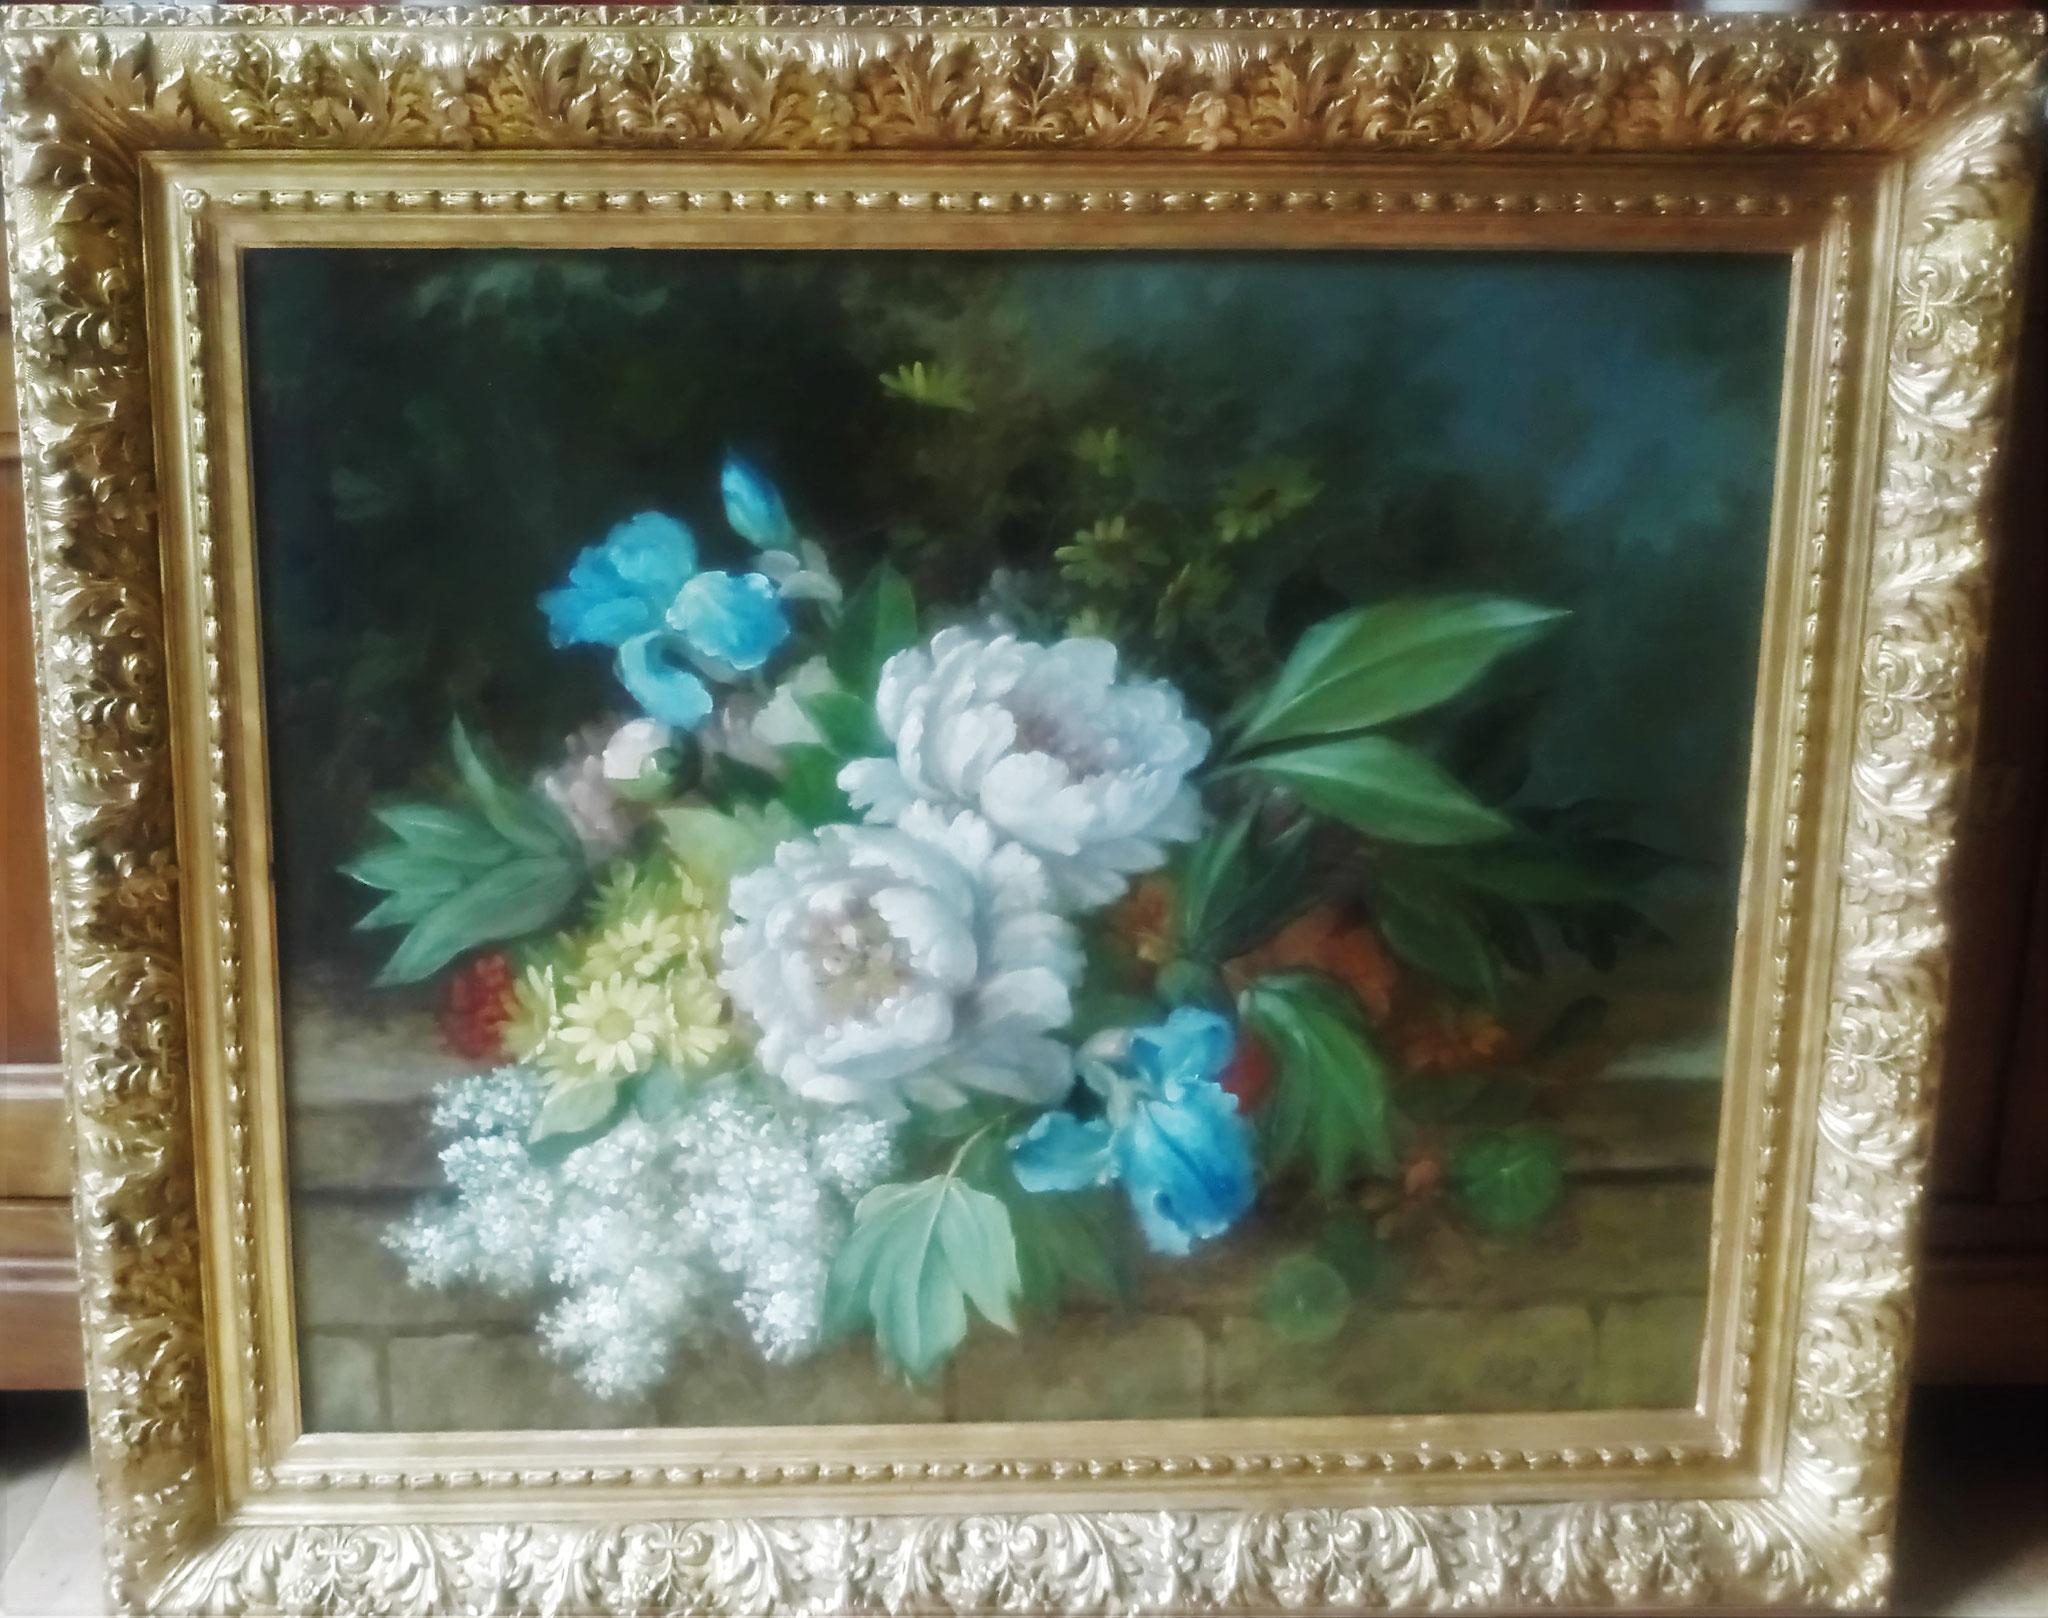 HST début 20è s : Bouquet de fleurs : résultat final après traitement